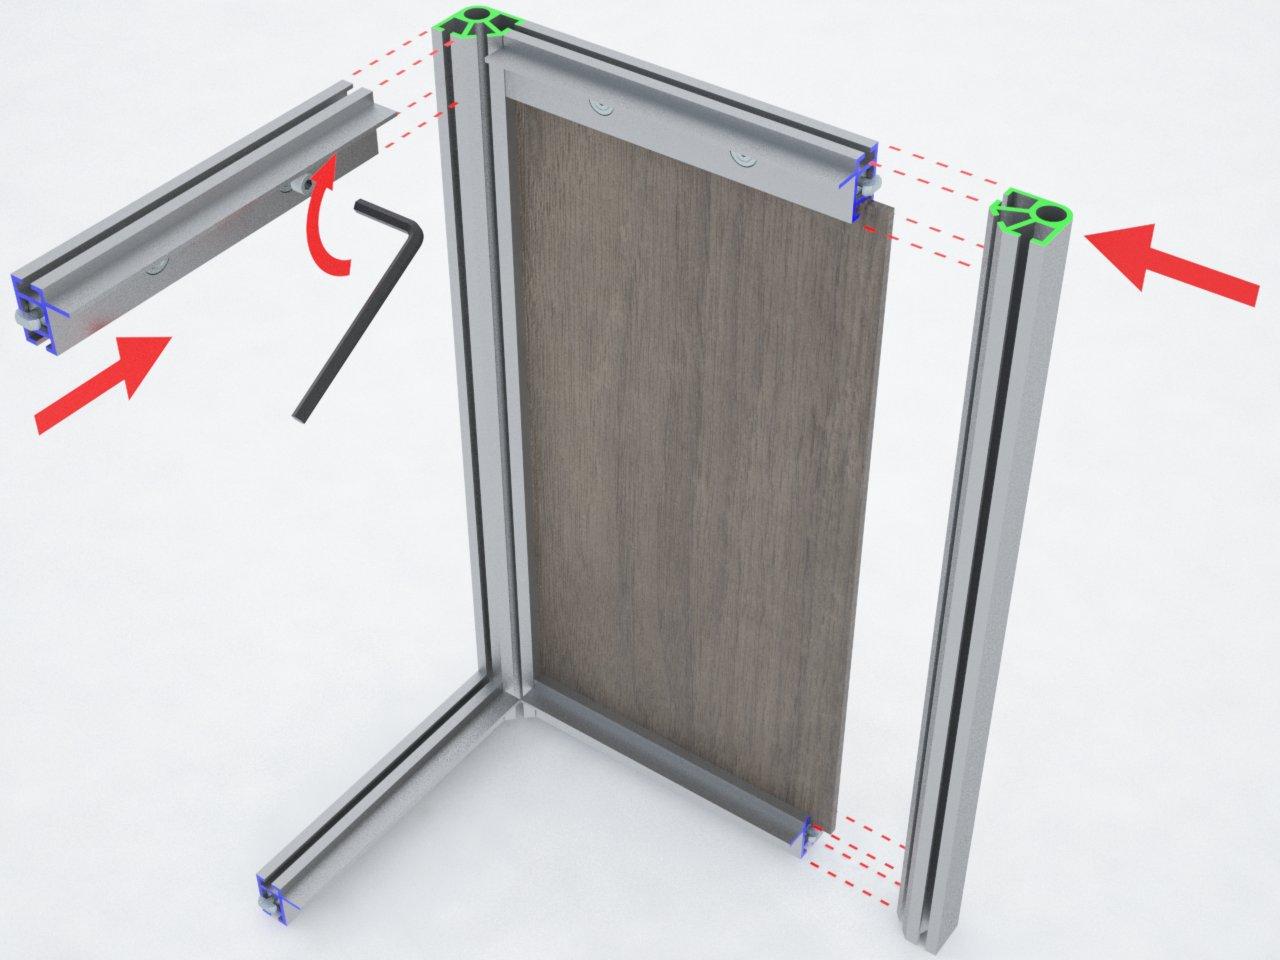 Perfil de coluna C130A para montagem de estruturas para divisórias, stands, etc.